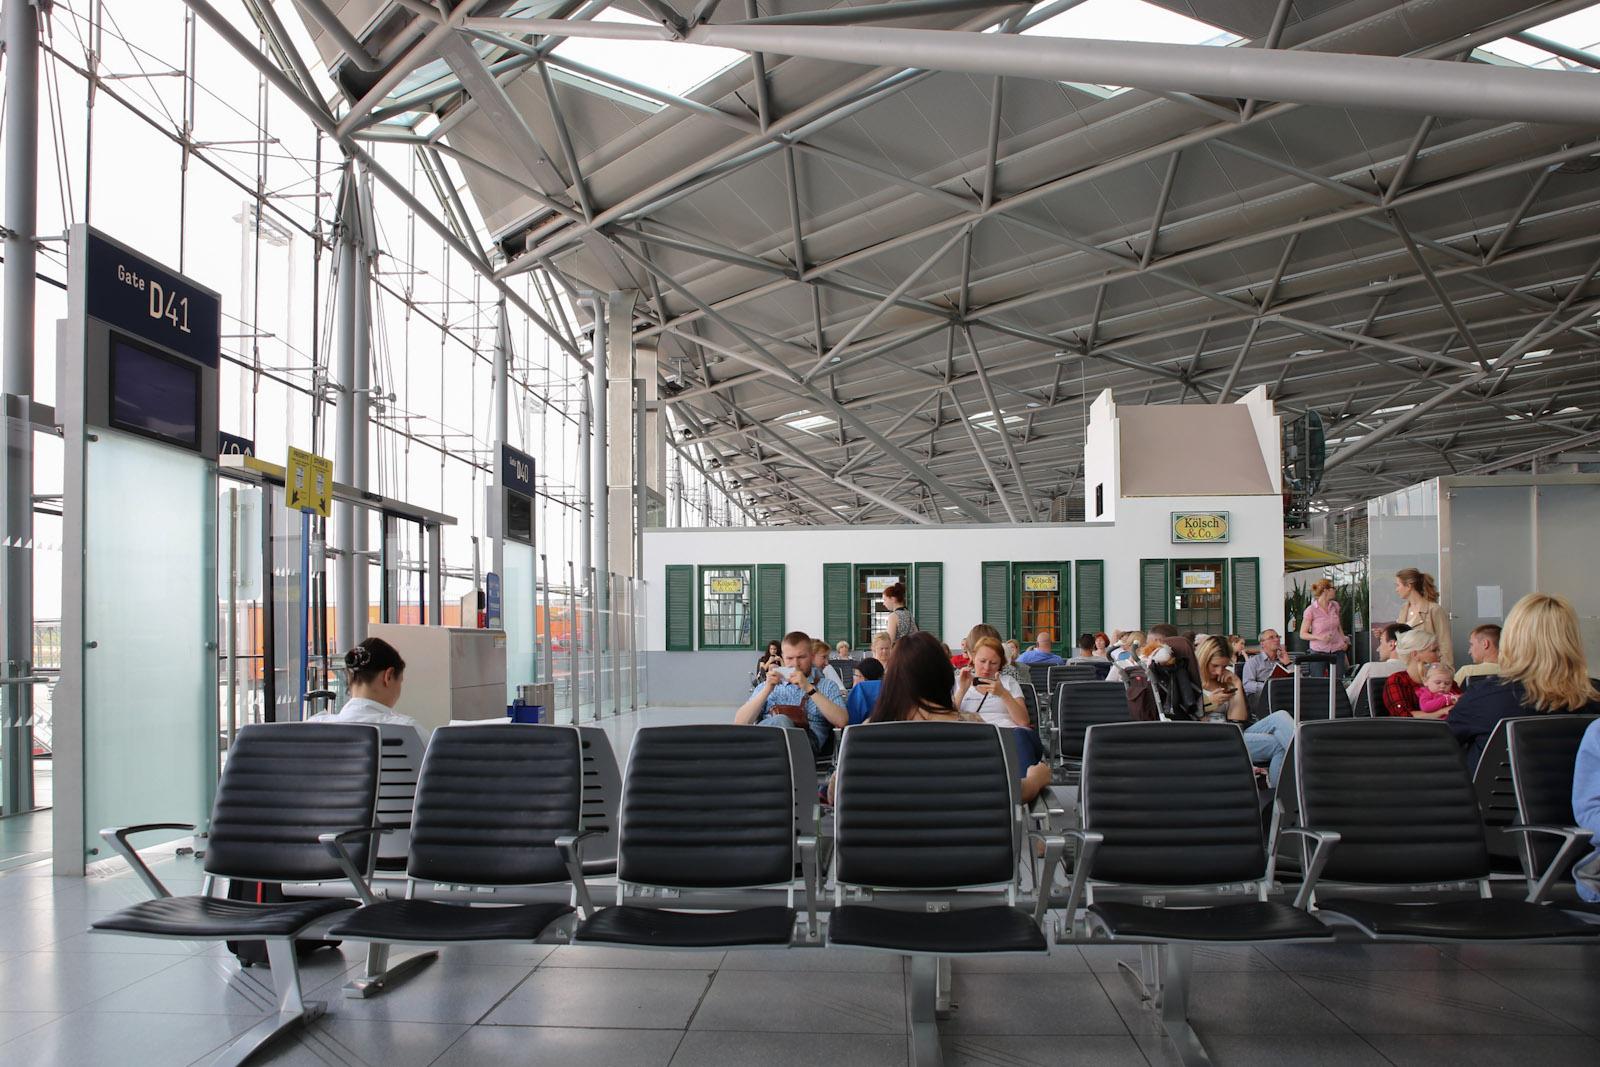 Накопитель перед выходом на посадку в терминале 2 аэропорта Кёльн